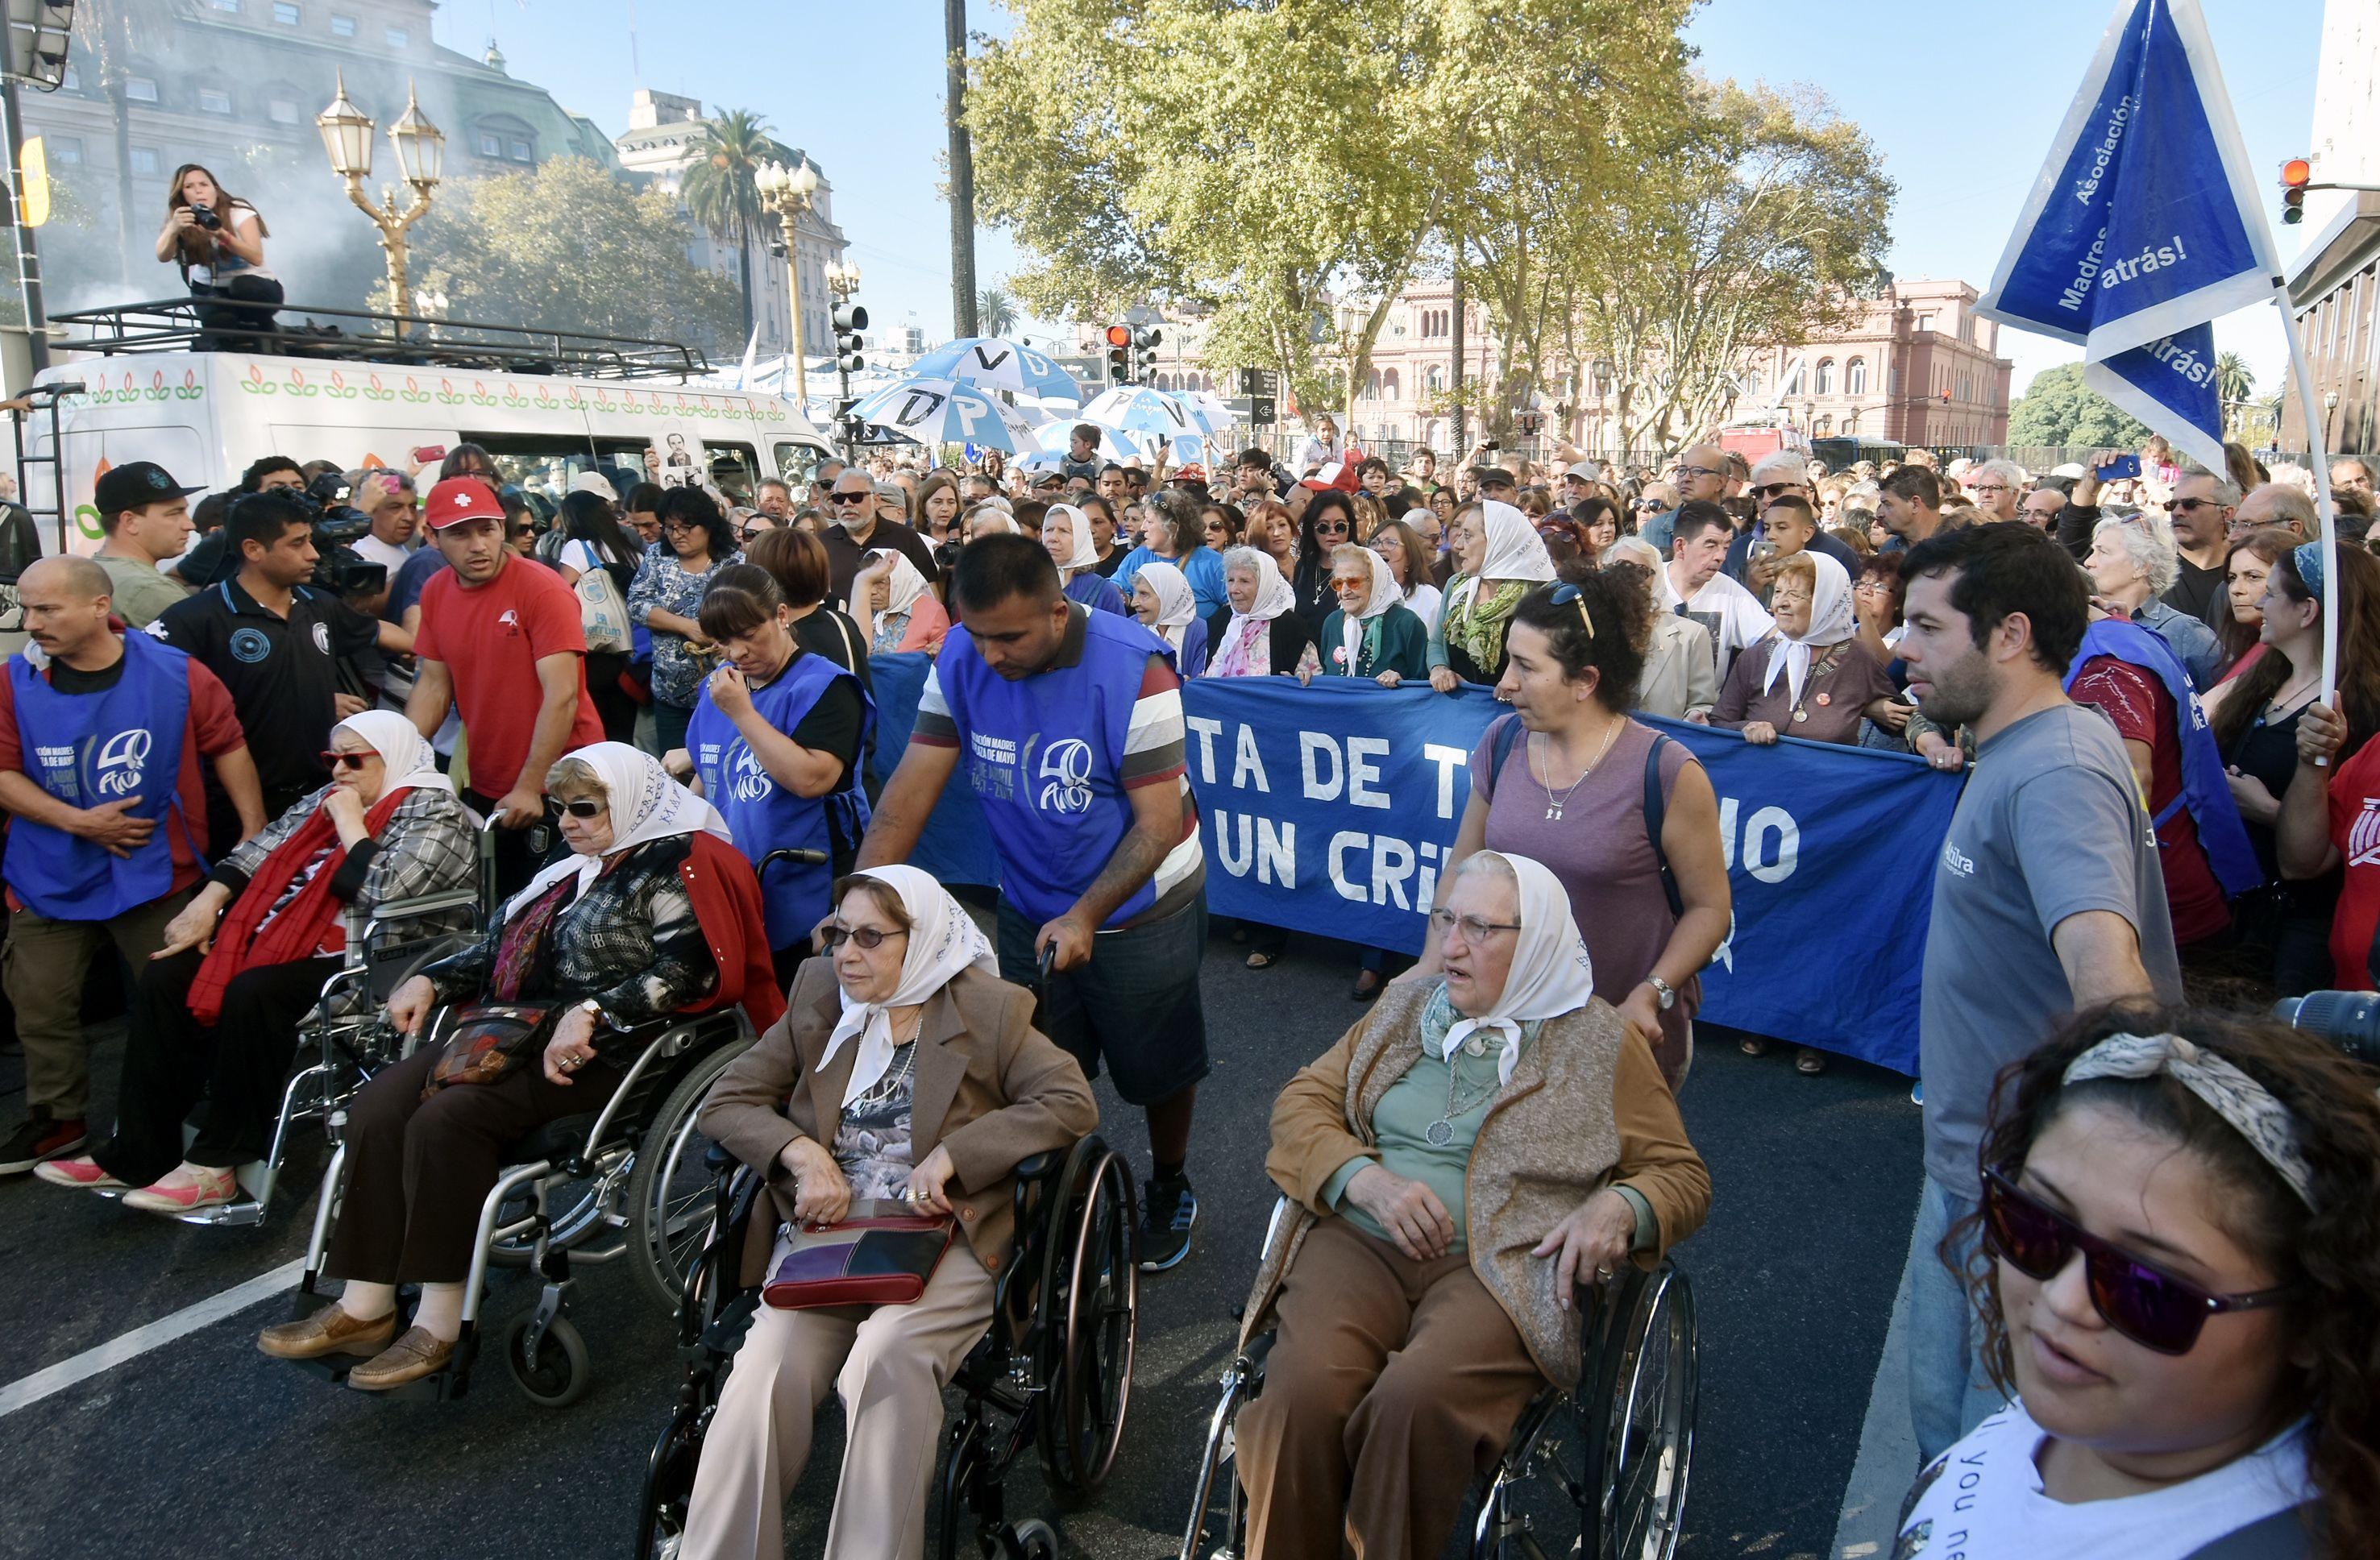 Con críticas al Gobierno, Madres conmemoró sus 40 años de lucha en Plaza de Mayo